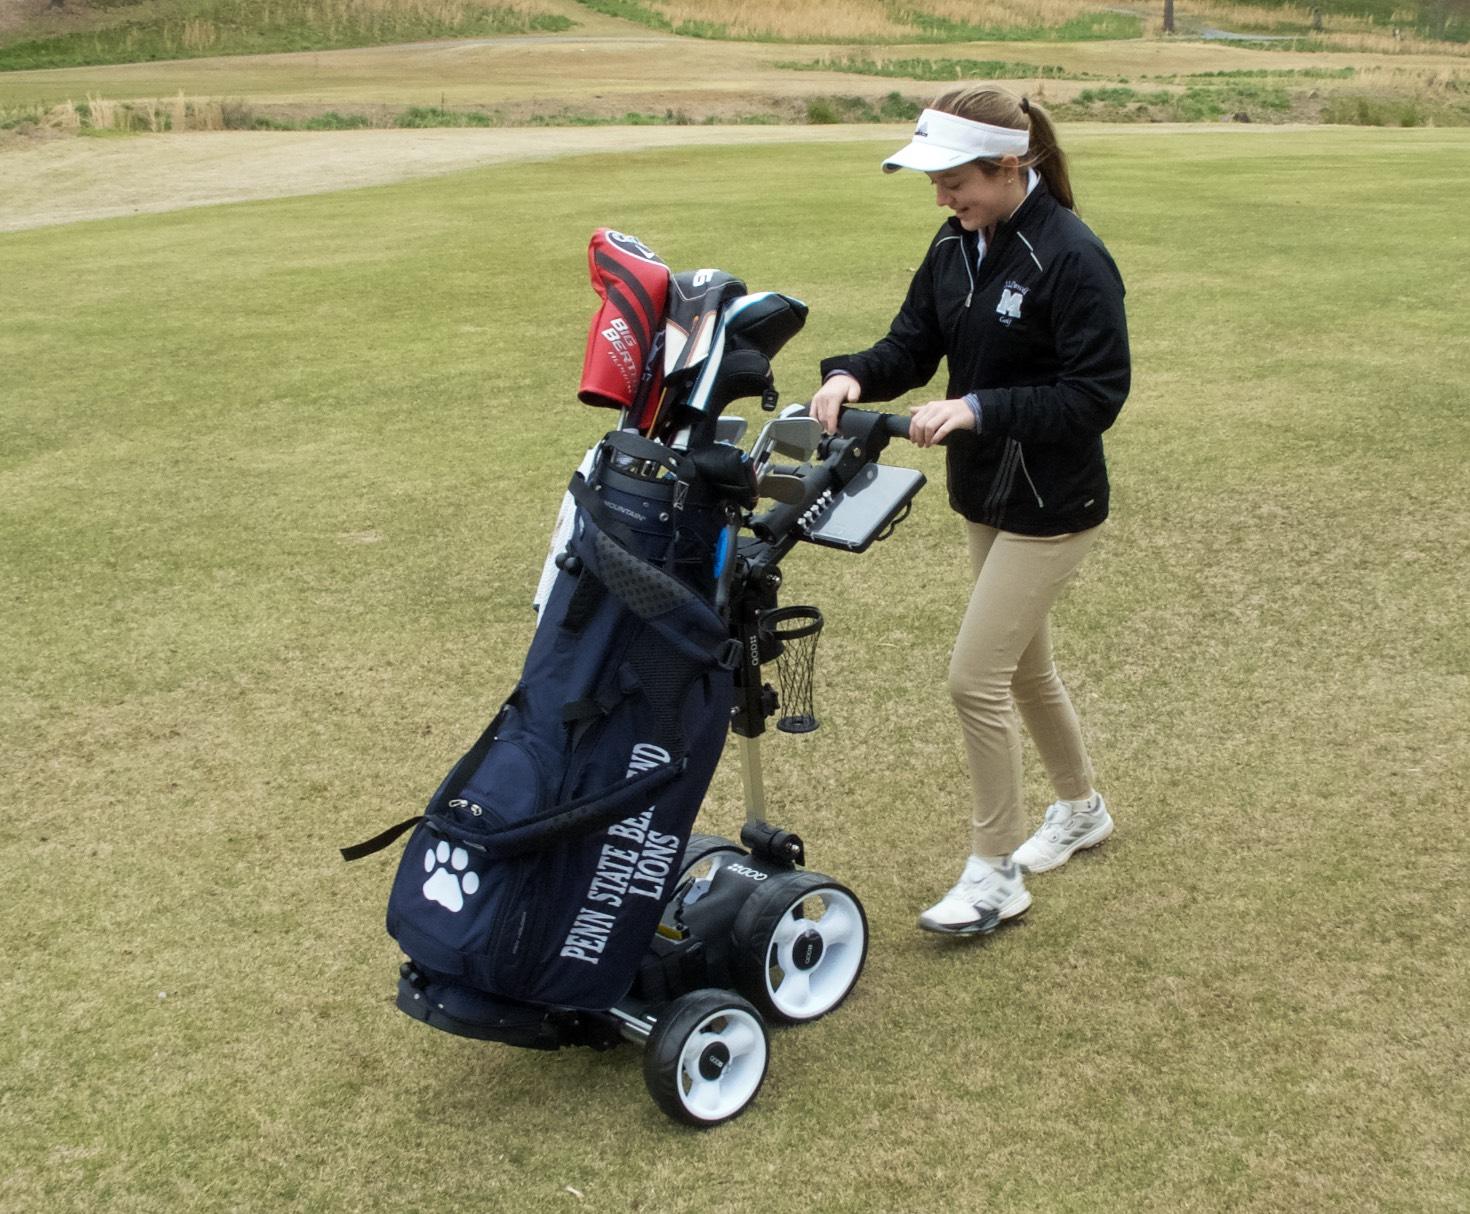 QOD Electric Golf Cart Review (Accessories, Hot Topics